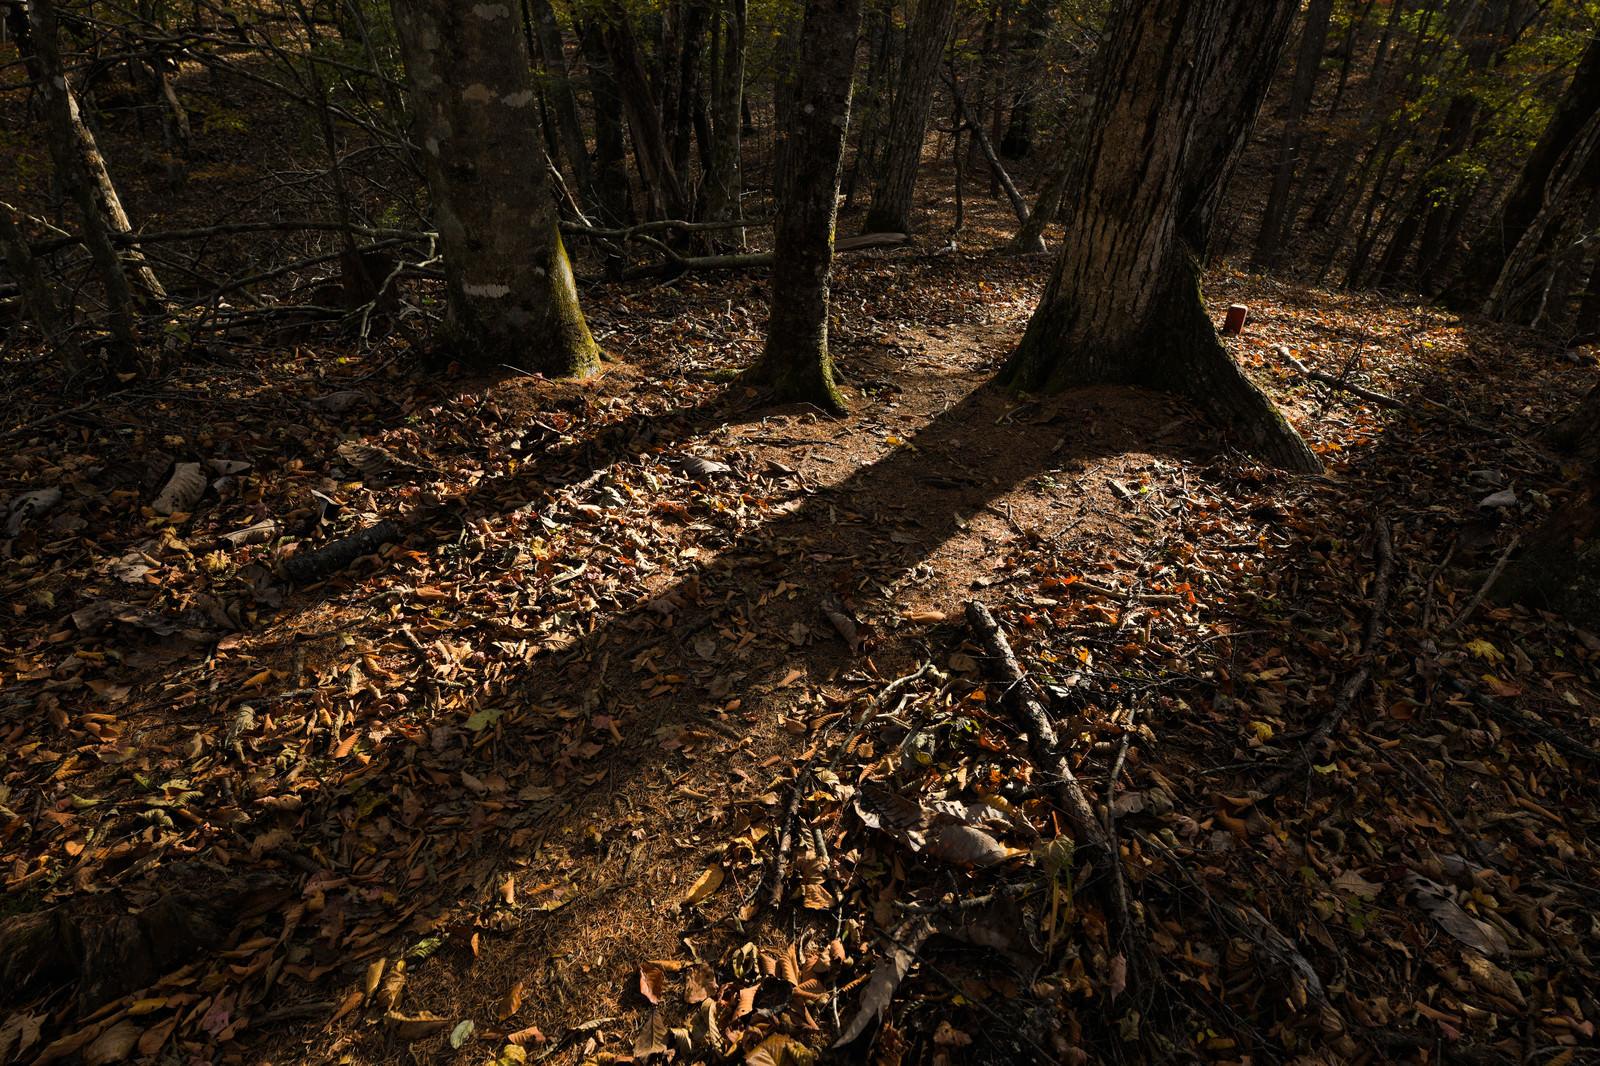 「秋の森林に伸びる木々の影」の写真